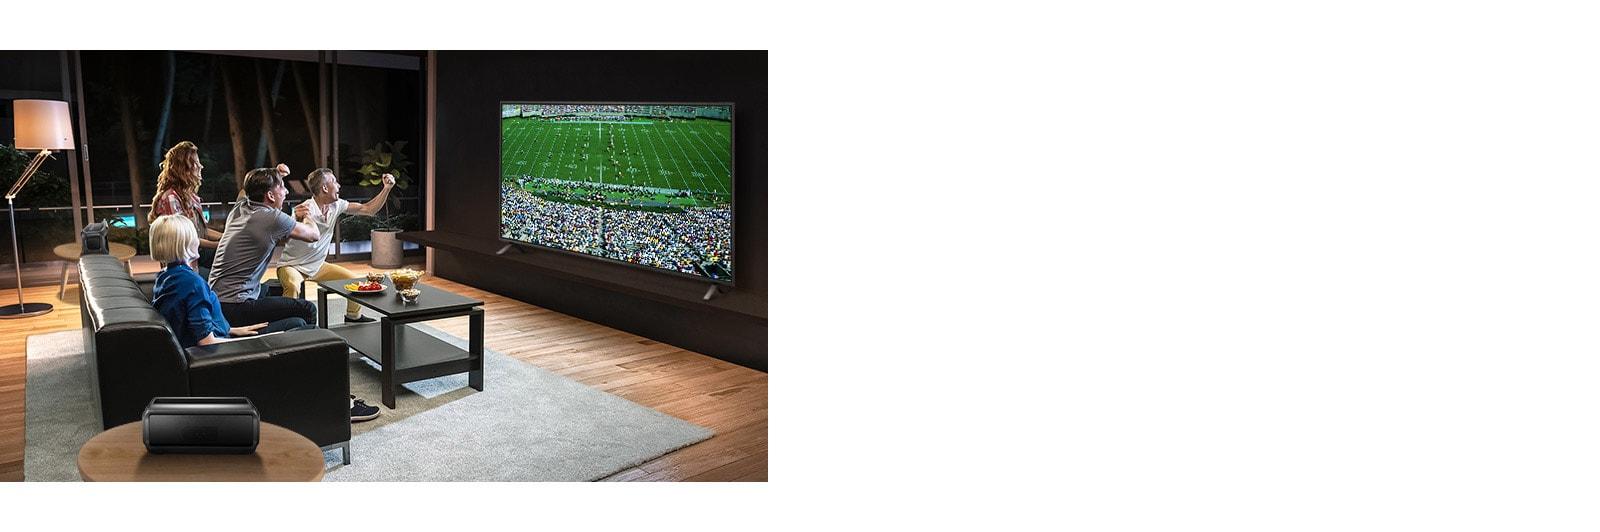 Хора, които седят във всекидневната и гледат спорт по телевизията с Bluetooth задни високоговорители.